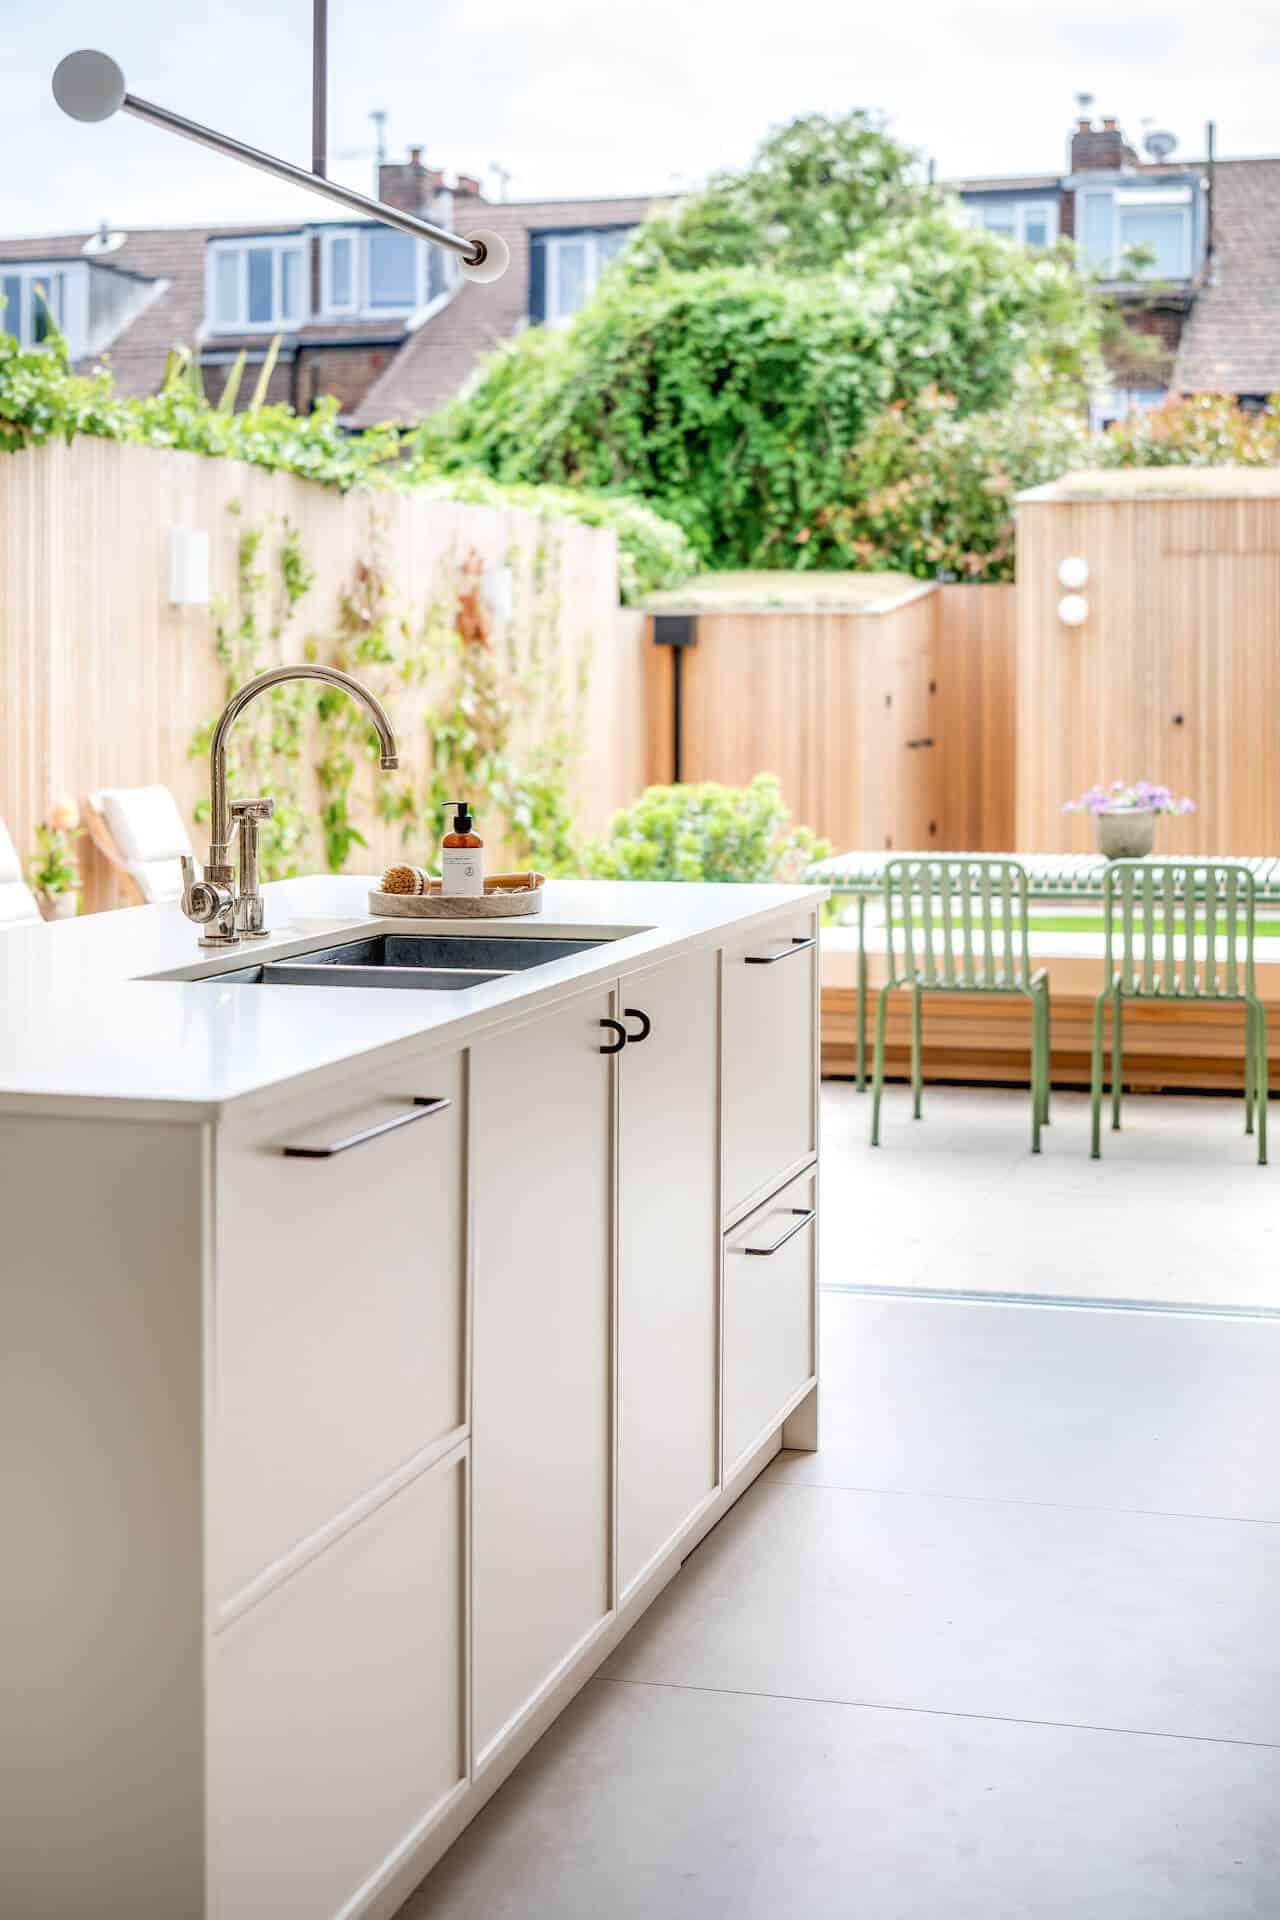 The Nune Kitchen - Kitchen overlooking garden